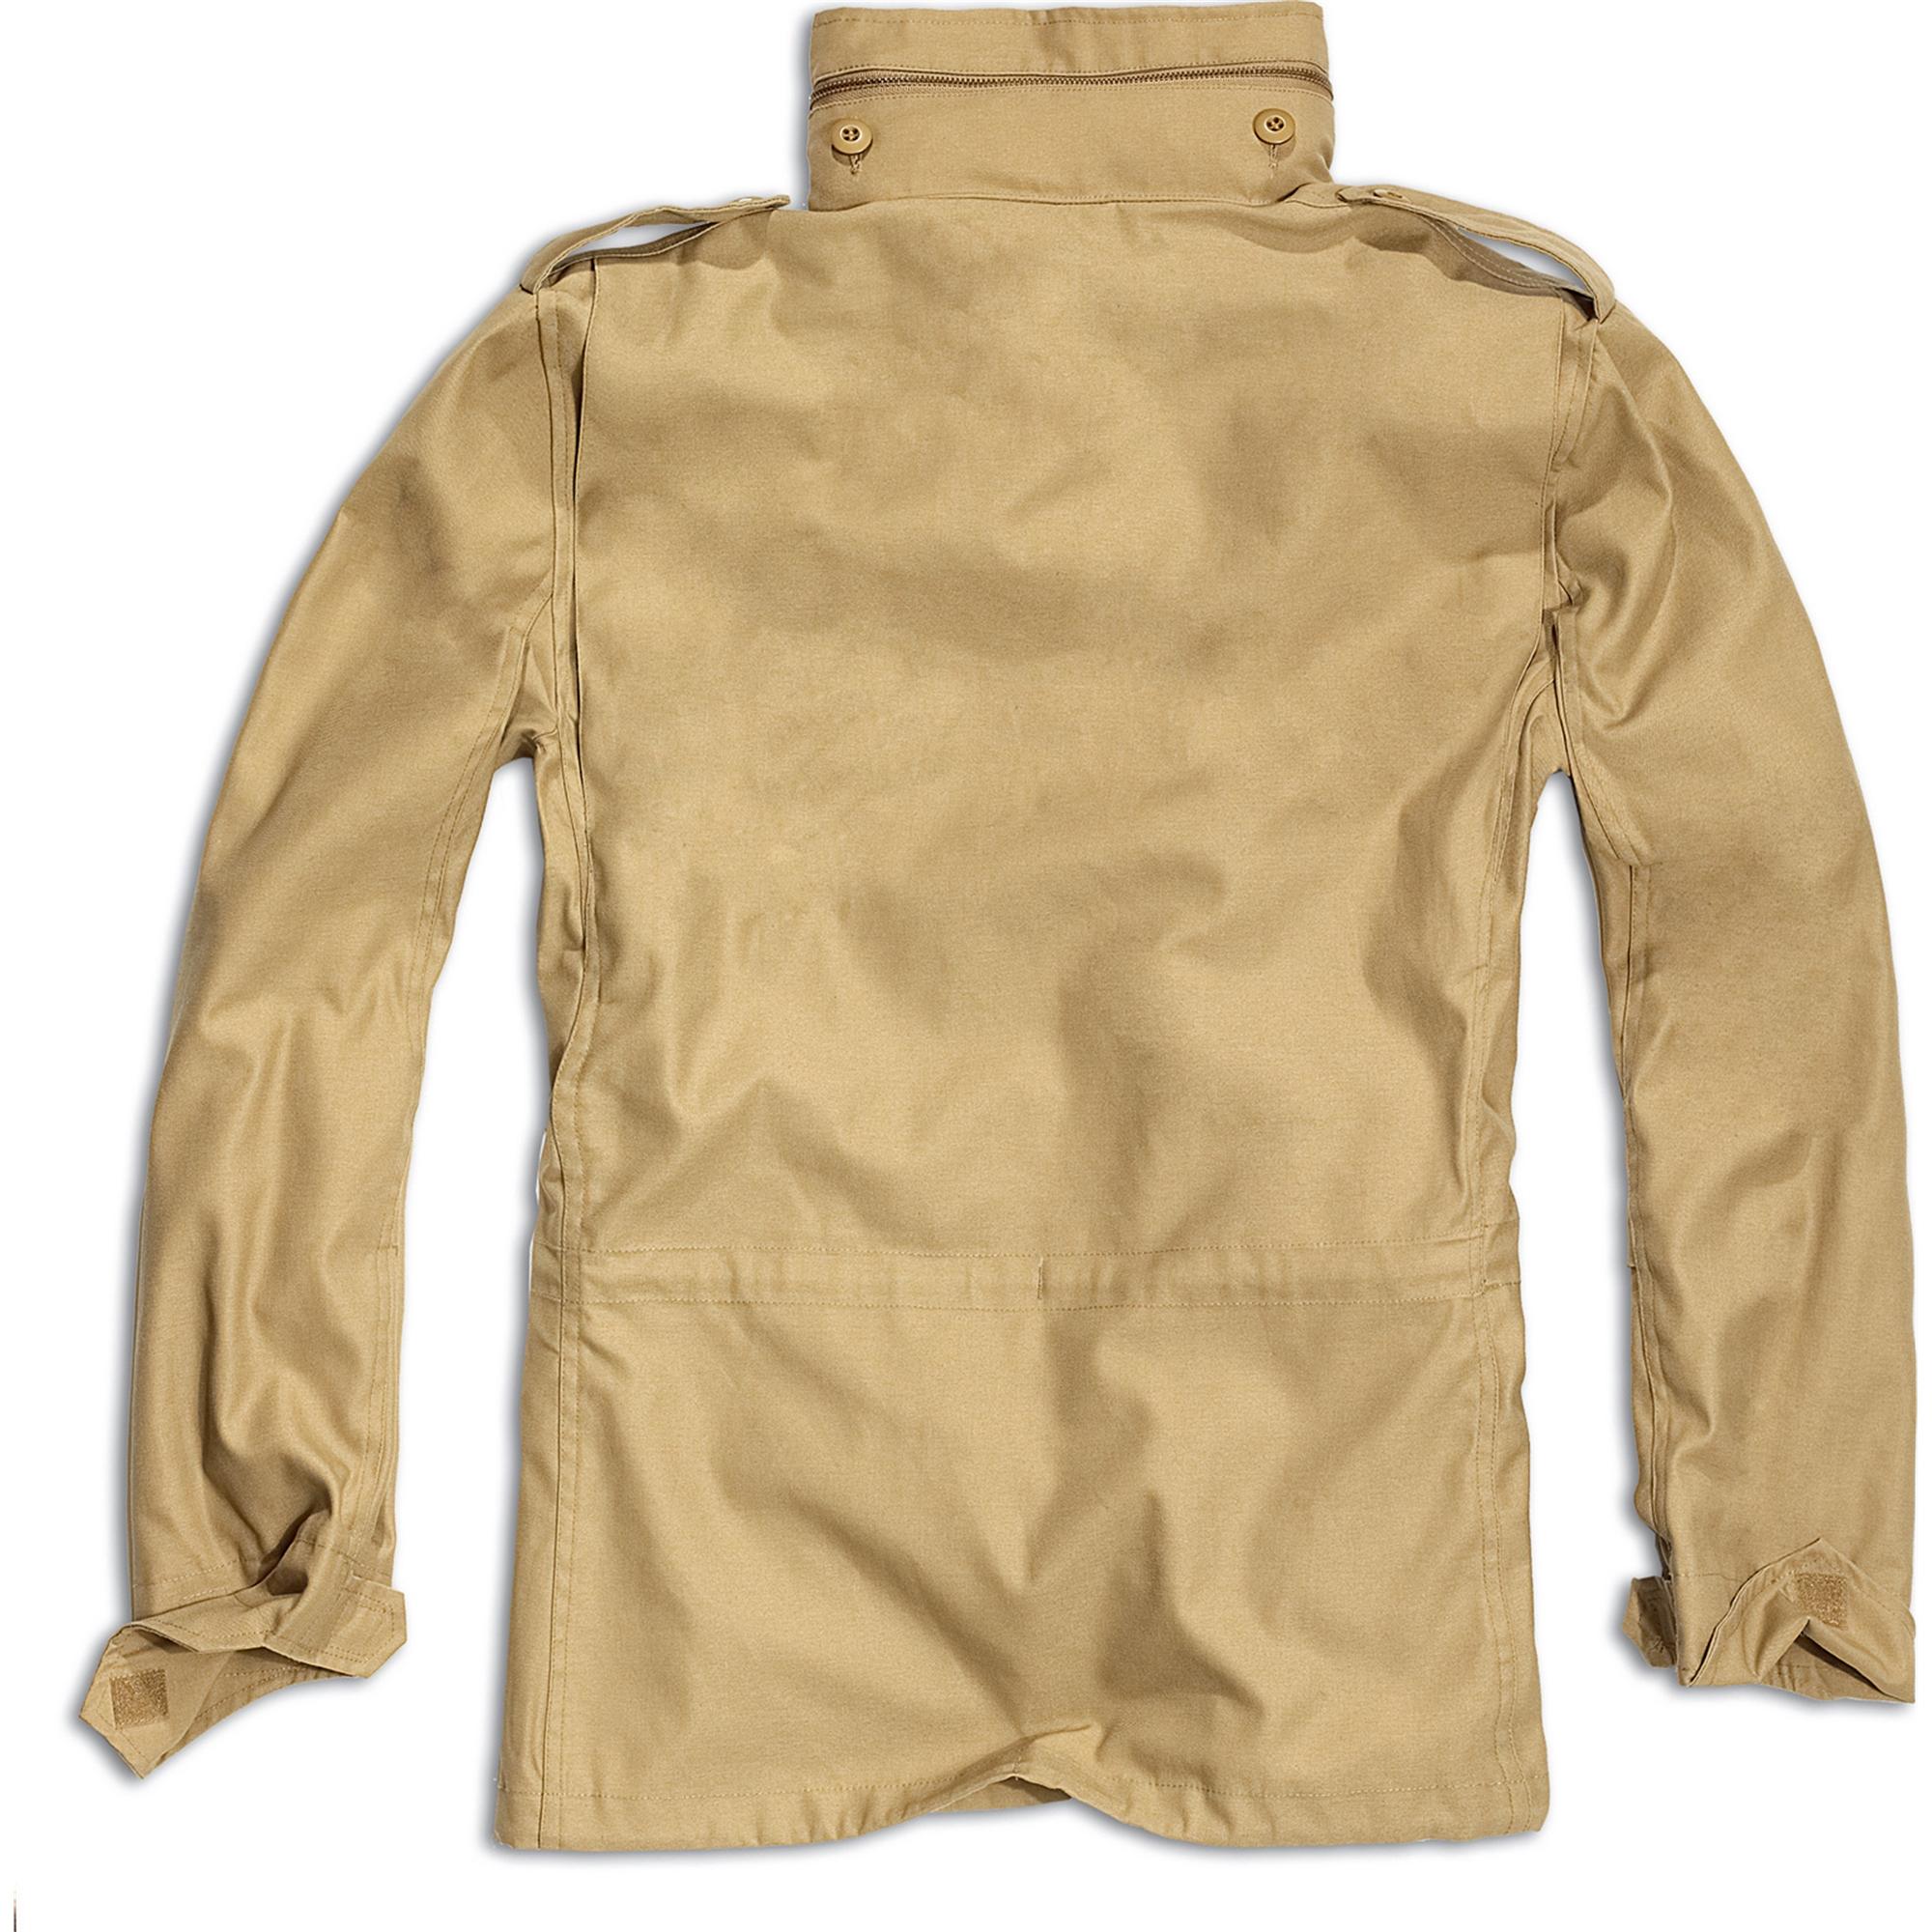 Brandit-M65-Standard-Feldjacke-Herren-2in1-Jacke-Winterjacke-US-Parka-mit-Futter Indexbild 10